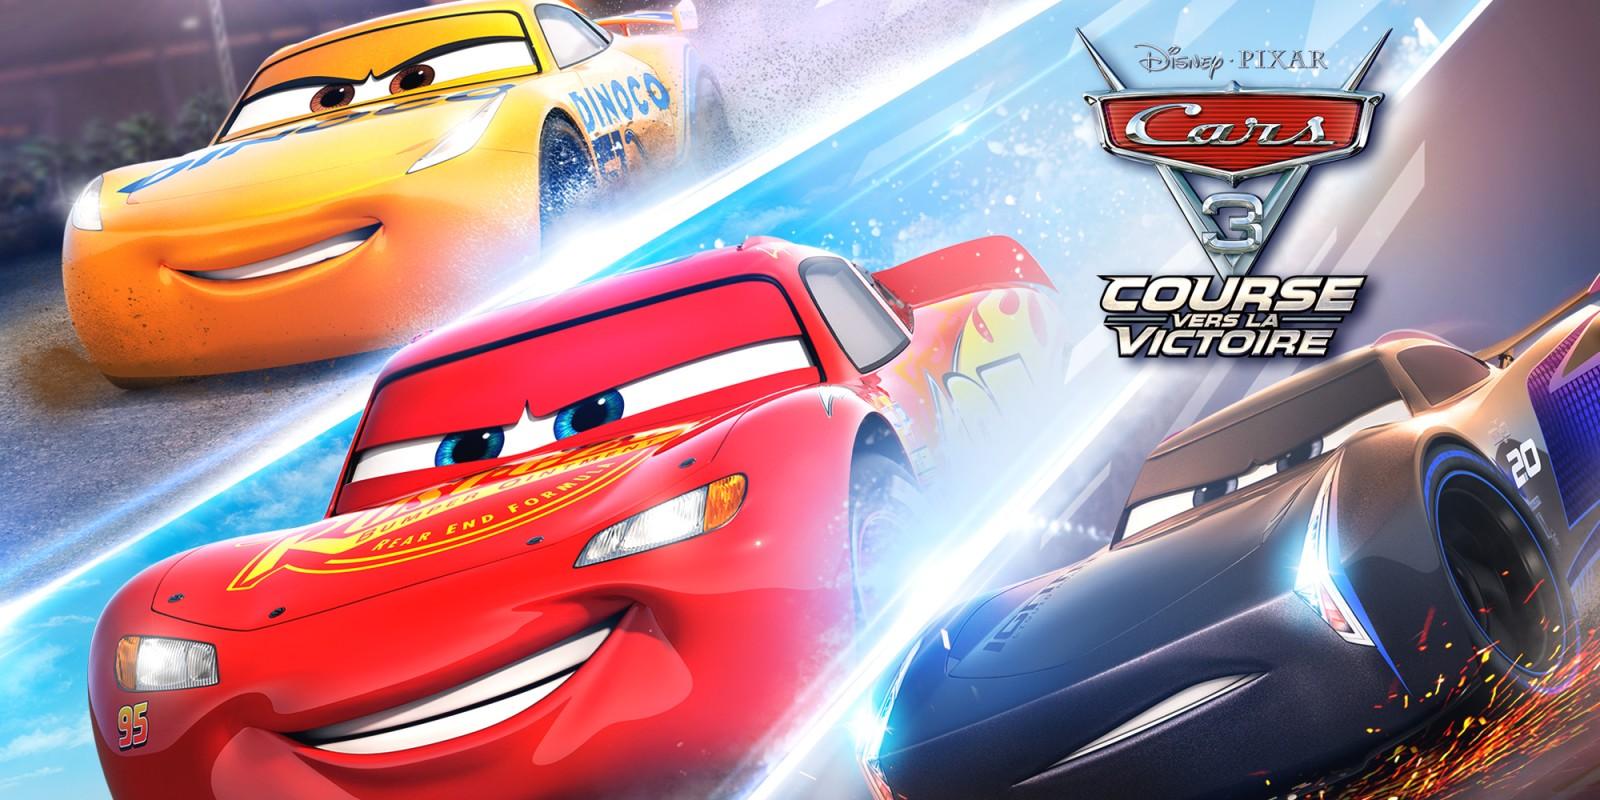 Cars 3 course vers la victoire nintendo switch jeux nintendo - Image de cars ...